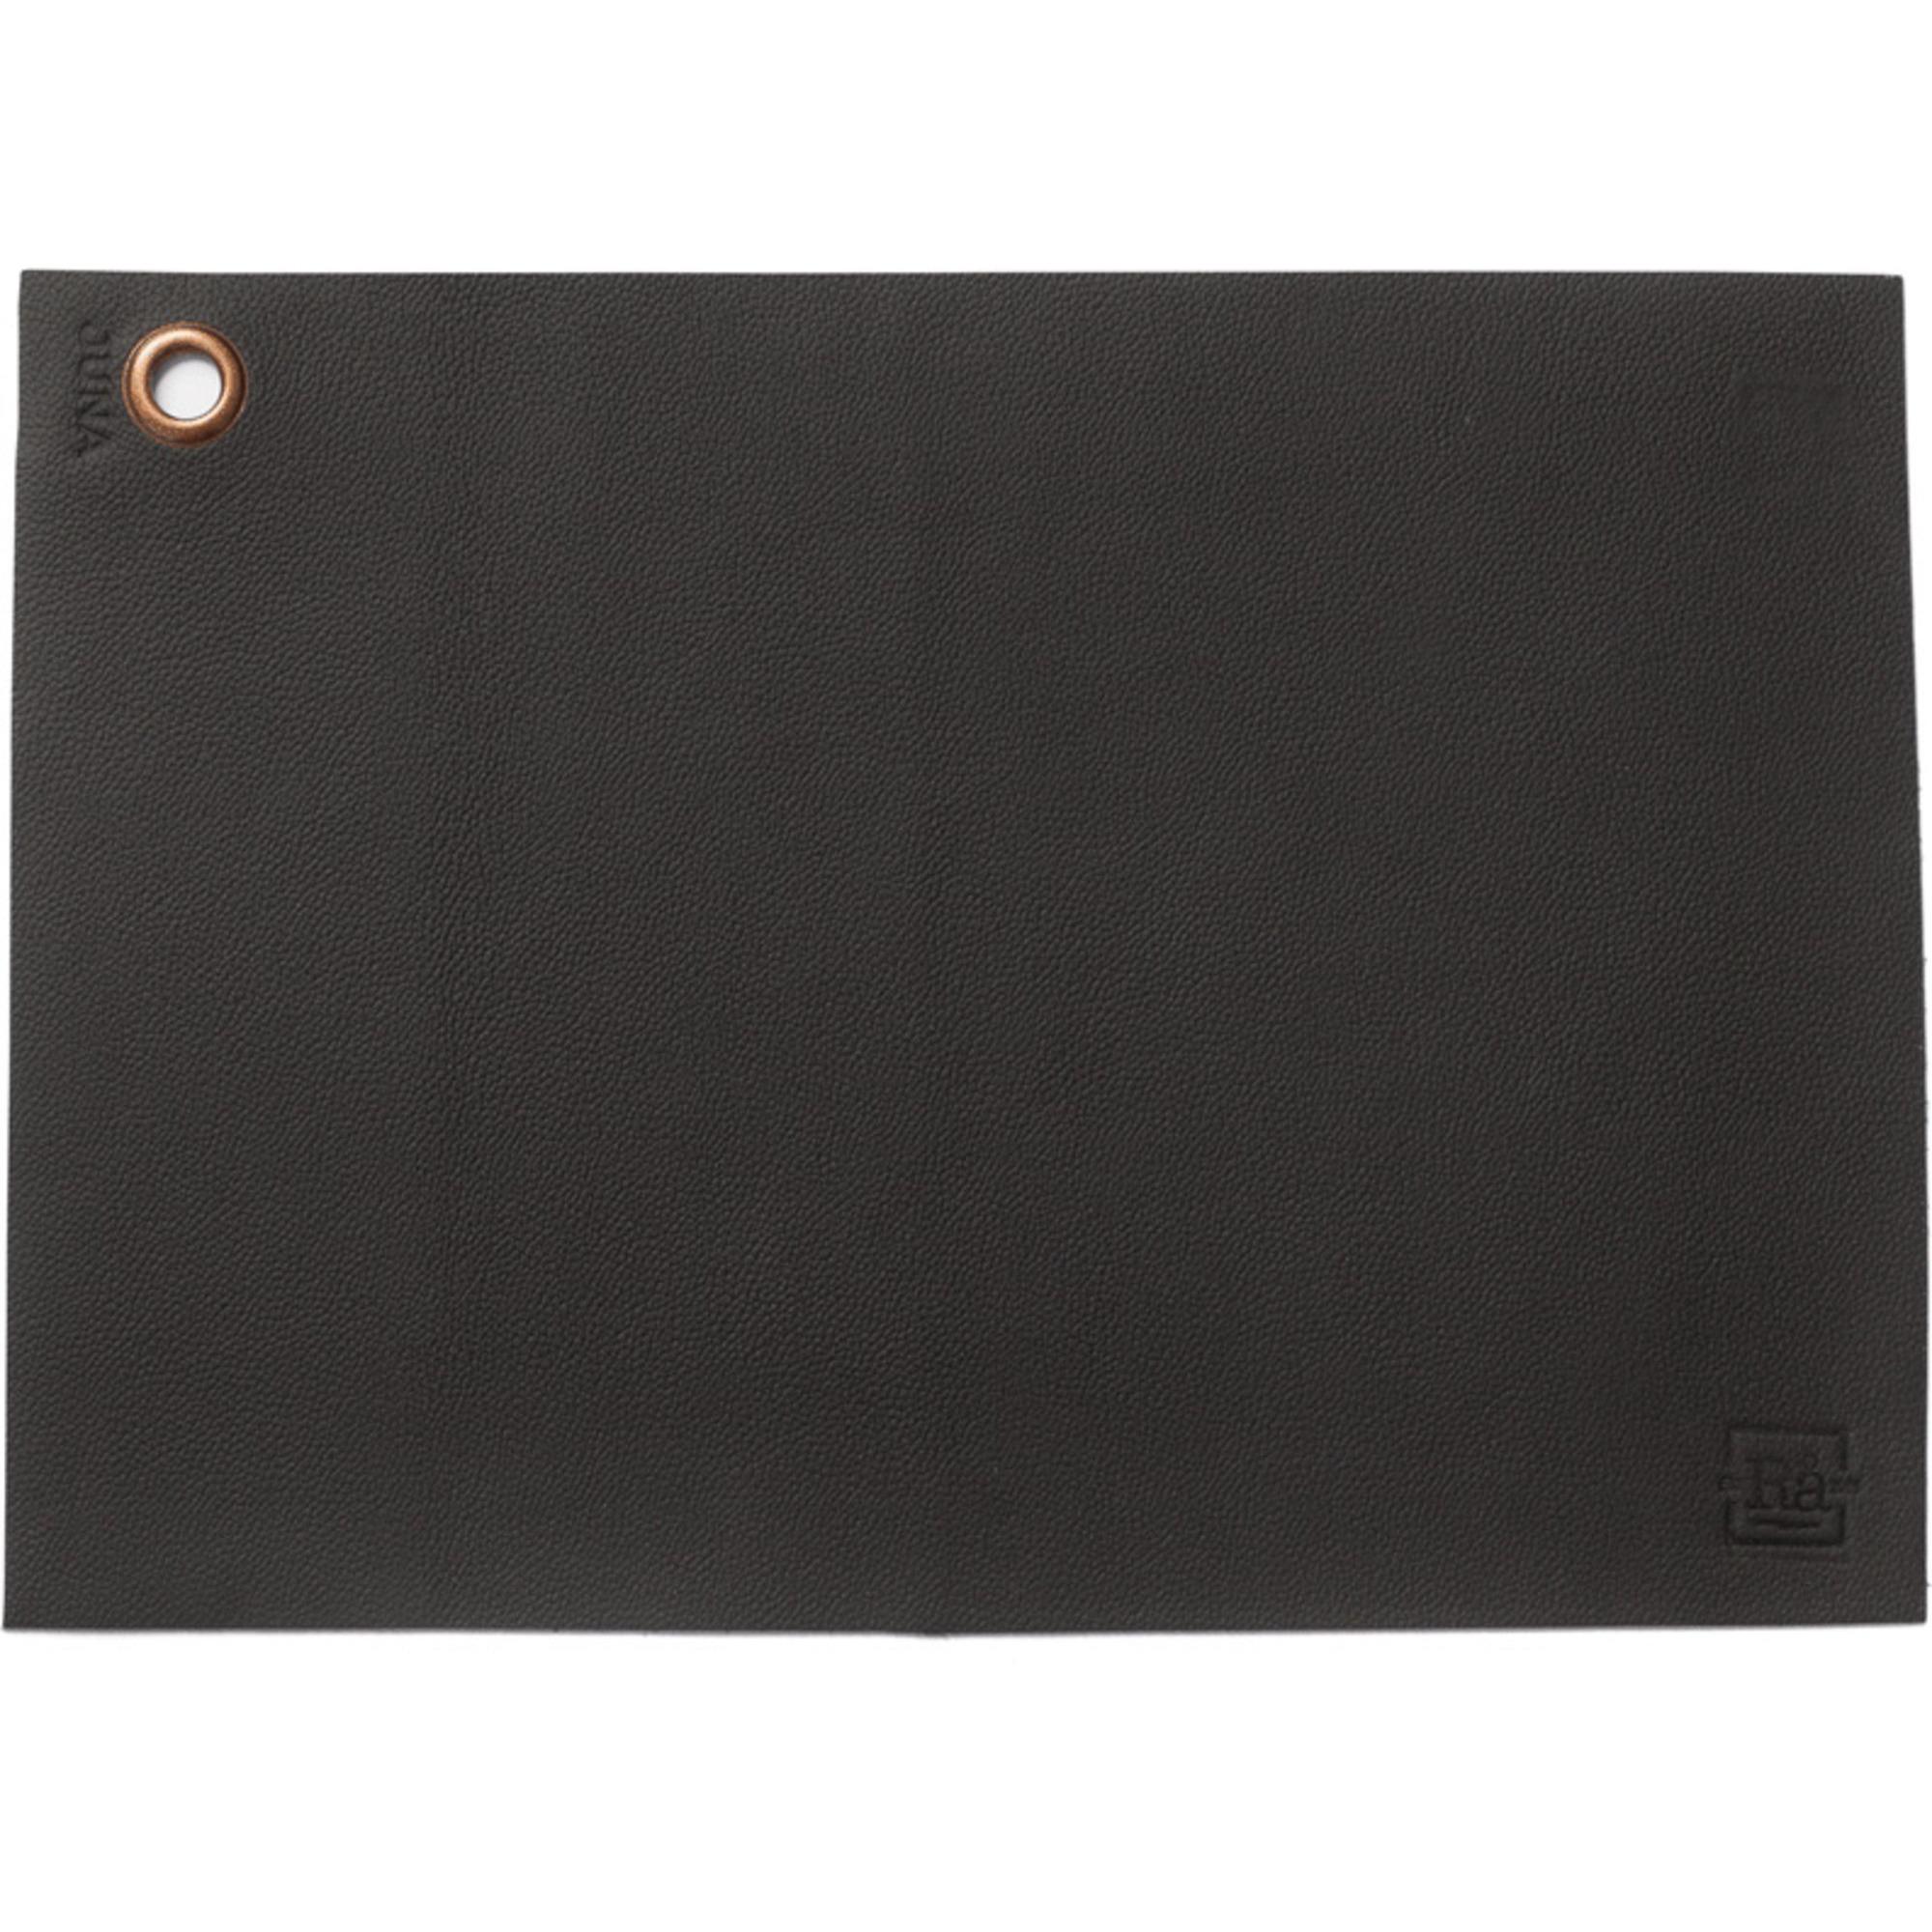 Juna Rå Bordstablett svart 43×30 cm